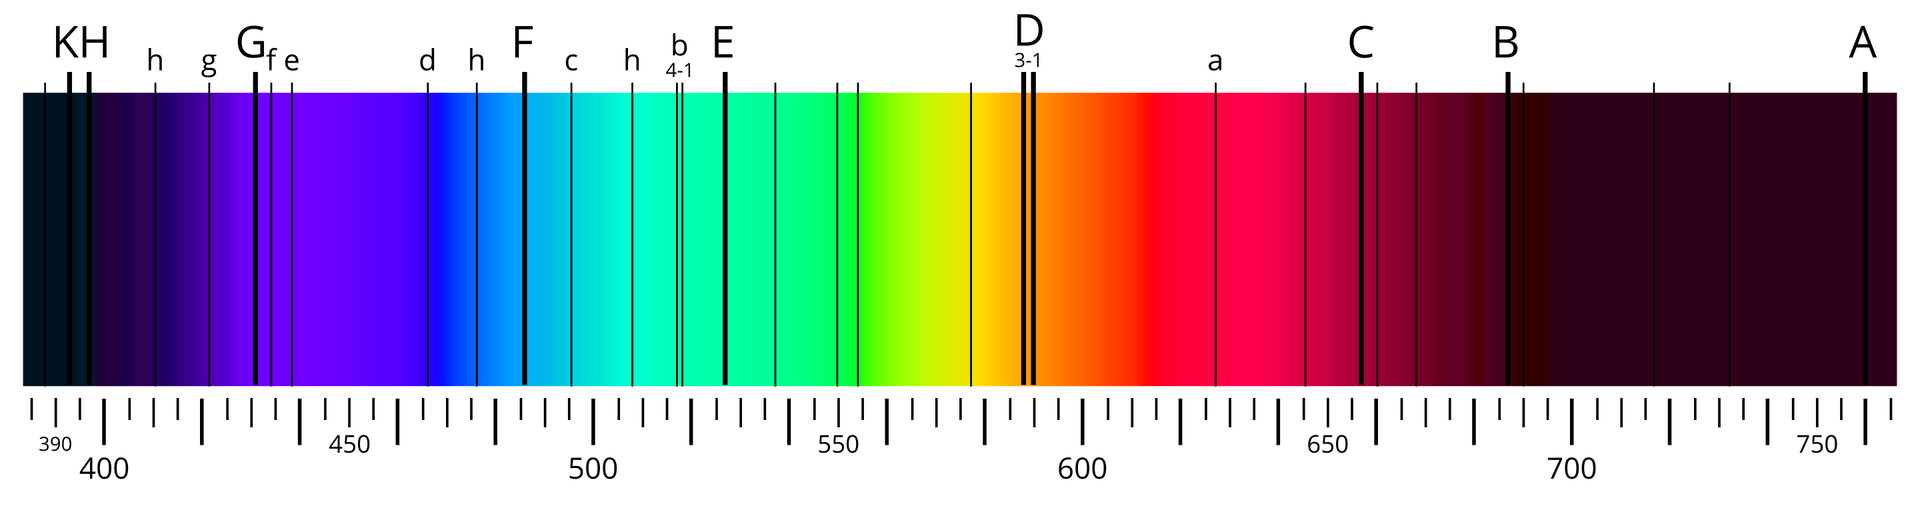 """Ilustracja to poziome widmo Słońca. Widmo słońca to poziomo ułożony długi prostokąt. Długość około piętnaście centymetrów. Wysokość około trzy centymetry. Powierzchnia prostokąta pokryta jest tęczowymi kolorami. Kolory zmieniają się wzależności od położenia linii absorpcyjnych. Poniżej dolnej krawędzi widma Słońca podziałka liczbowa. Podziałka rozpoczyna się po lewej stronie widma. Pierwsza liczba to trzysta dziewięćdziesiąt. Następne liczby podziałki zmieniają wartość opięćdziesiąt. Następna liczba to czterysta ana końcu podziałki występuje liczba siedemset pięćdziesiąt. Powierzchnia widma jest pokryta pionowymi czarnymi liniami absorpcyjnymi. Nad górną krawędzią widma Słońca znajdują się duże litery wskazujące cząsteczki. Lewa strona widma to widma """"ka"""" i""""ha"""" czyli linie wapnia. Widmo jest czarne. Następne linie to wodoru iżelaza. Widmo jest fioletowe, granatowe, jasno niebieskie. Barwy przechodzą wkolor żółty na środku widma. Na środku znajdują się linie absorpcyjne sodu. Na prawo kolor jest bardziej pomarańczowy, czerwony iróżowy. Na różowym, po prawej stronie widma, jest linia absorpcyjna wodoru. Na końcu prawej strony widma kolor przechodzi wciemno bordowy. Dwie linie na końcu prawej strony to linie absorbcyjne tlenu."""